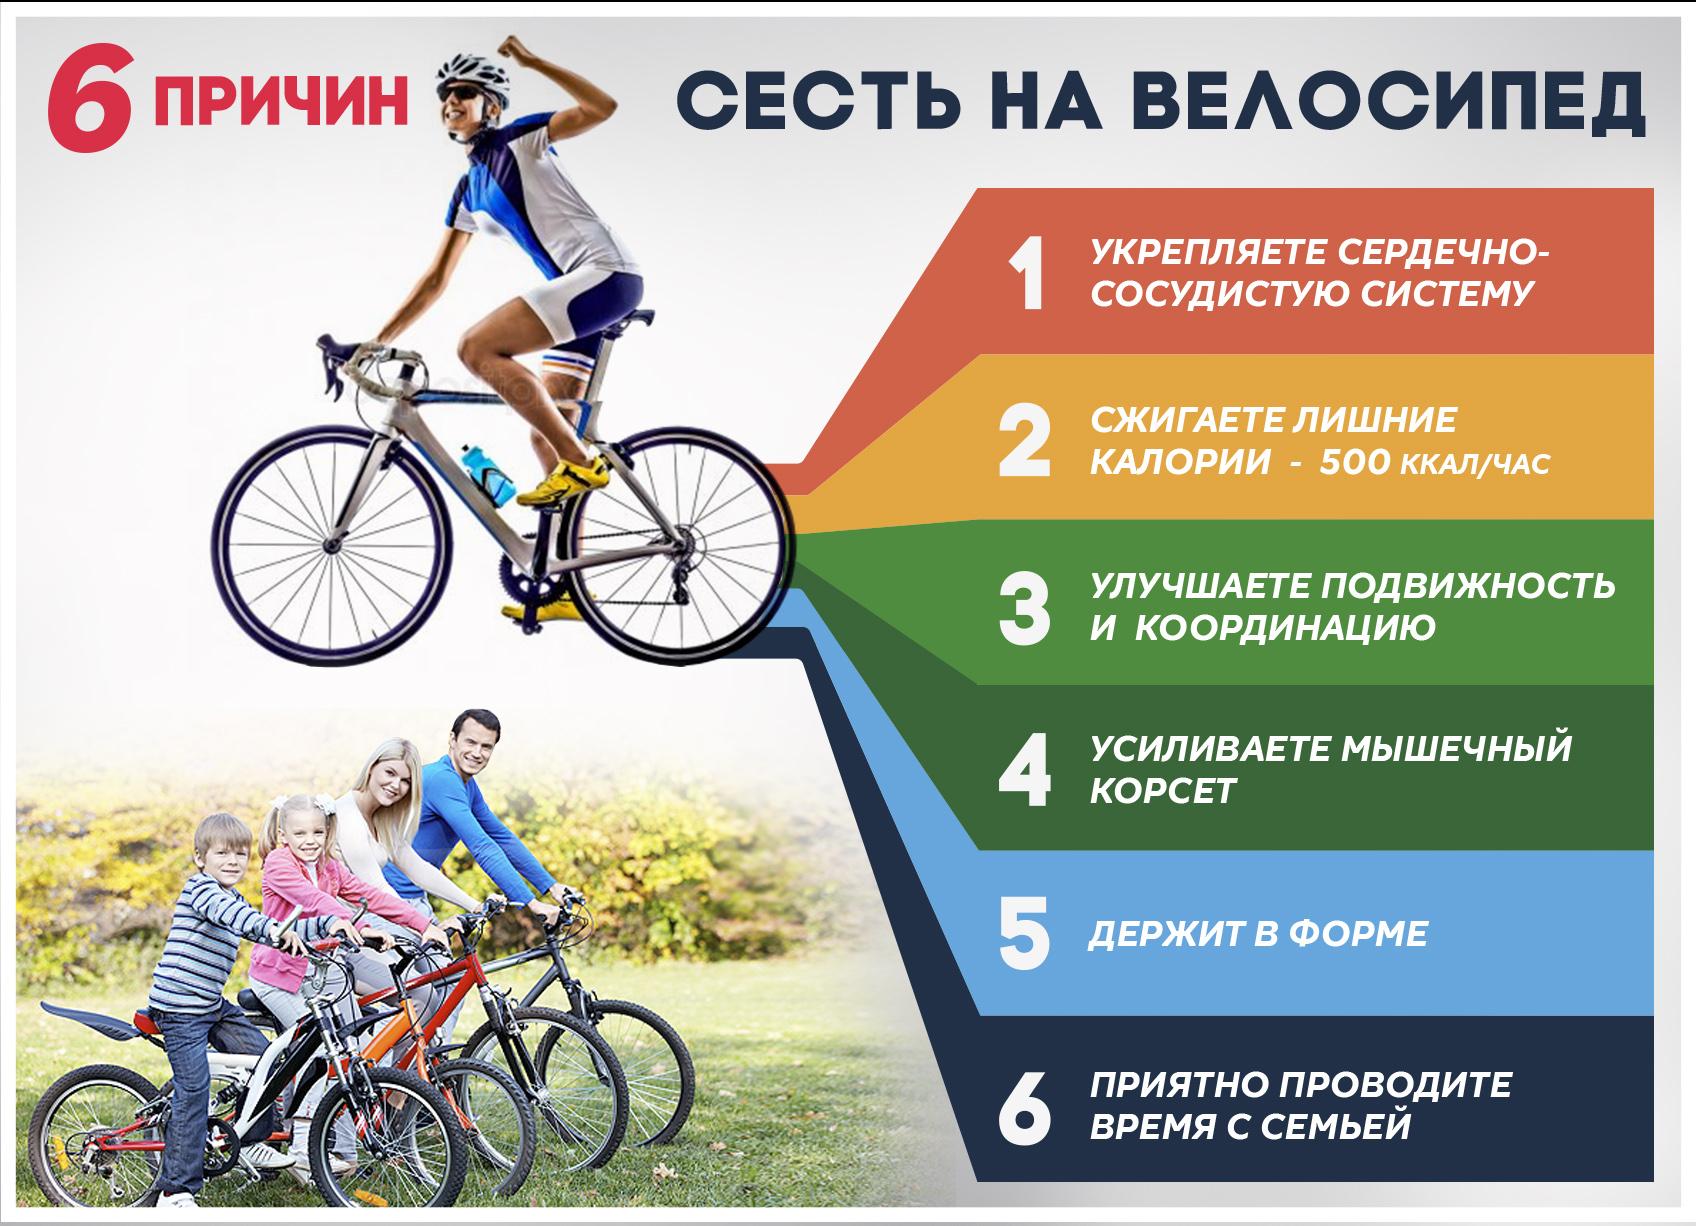 1 час езды на велосипеде сколько калорий. сколько калорий тратит велосипедист во время езды. теперь я не беспокоюсь о лишнем весе